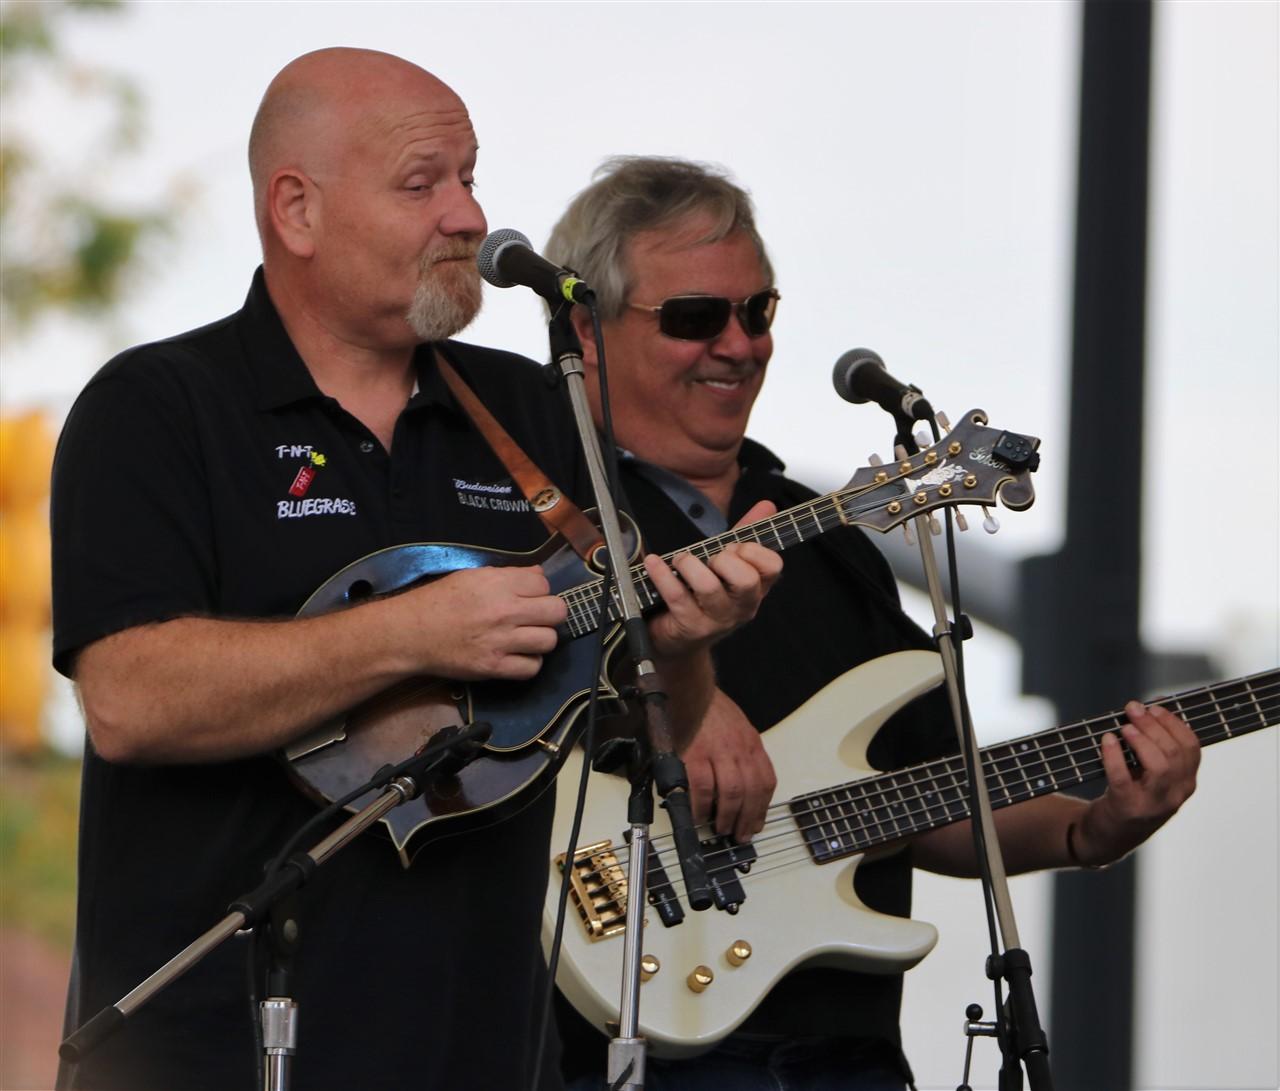 2016 09 24 6 Newark OH Bluegrass Festival.jpg